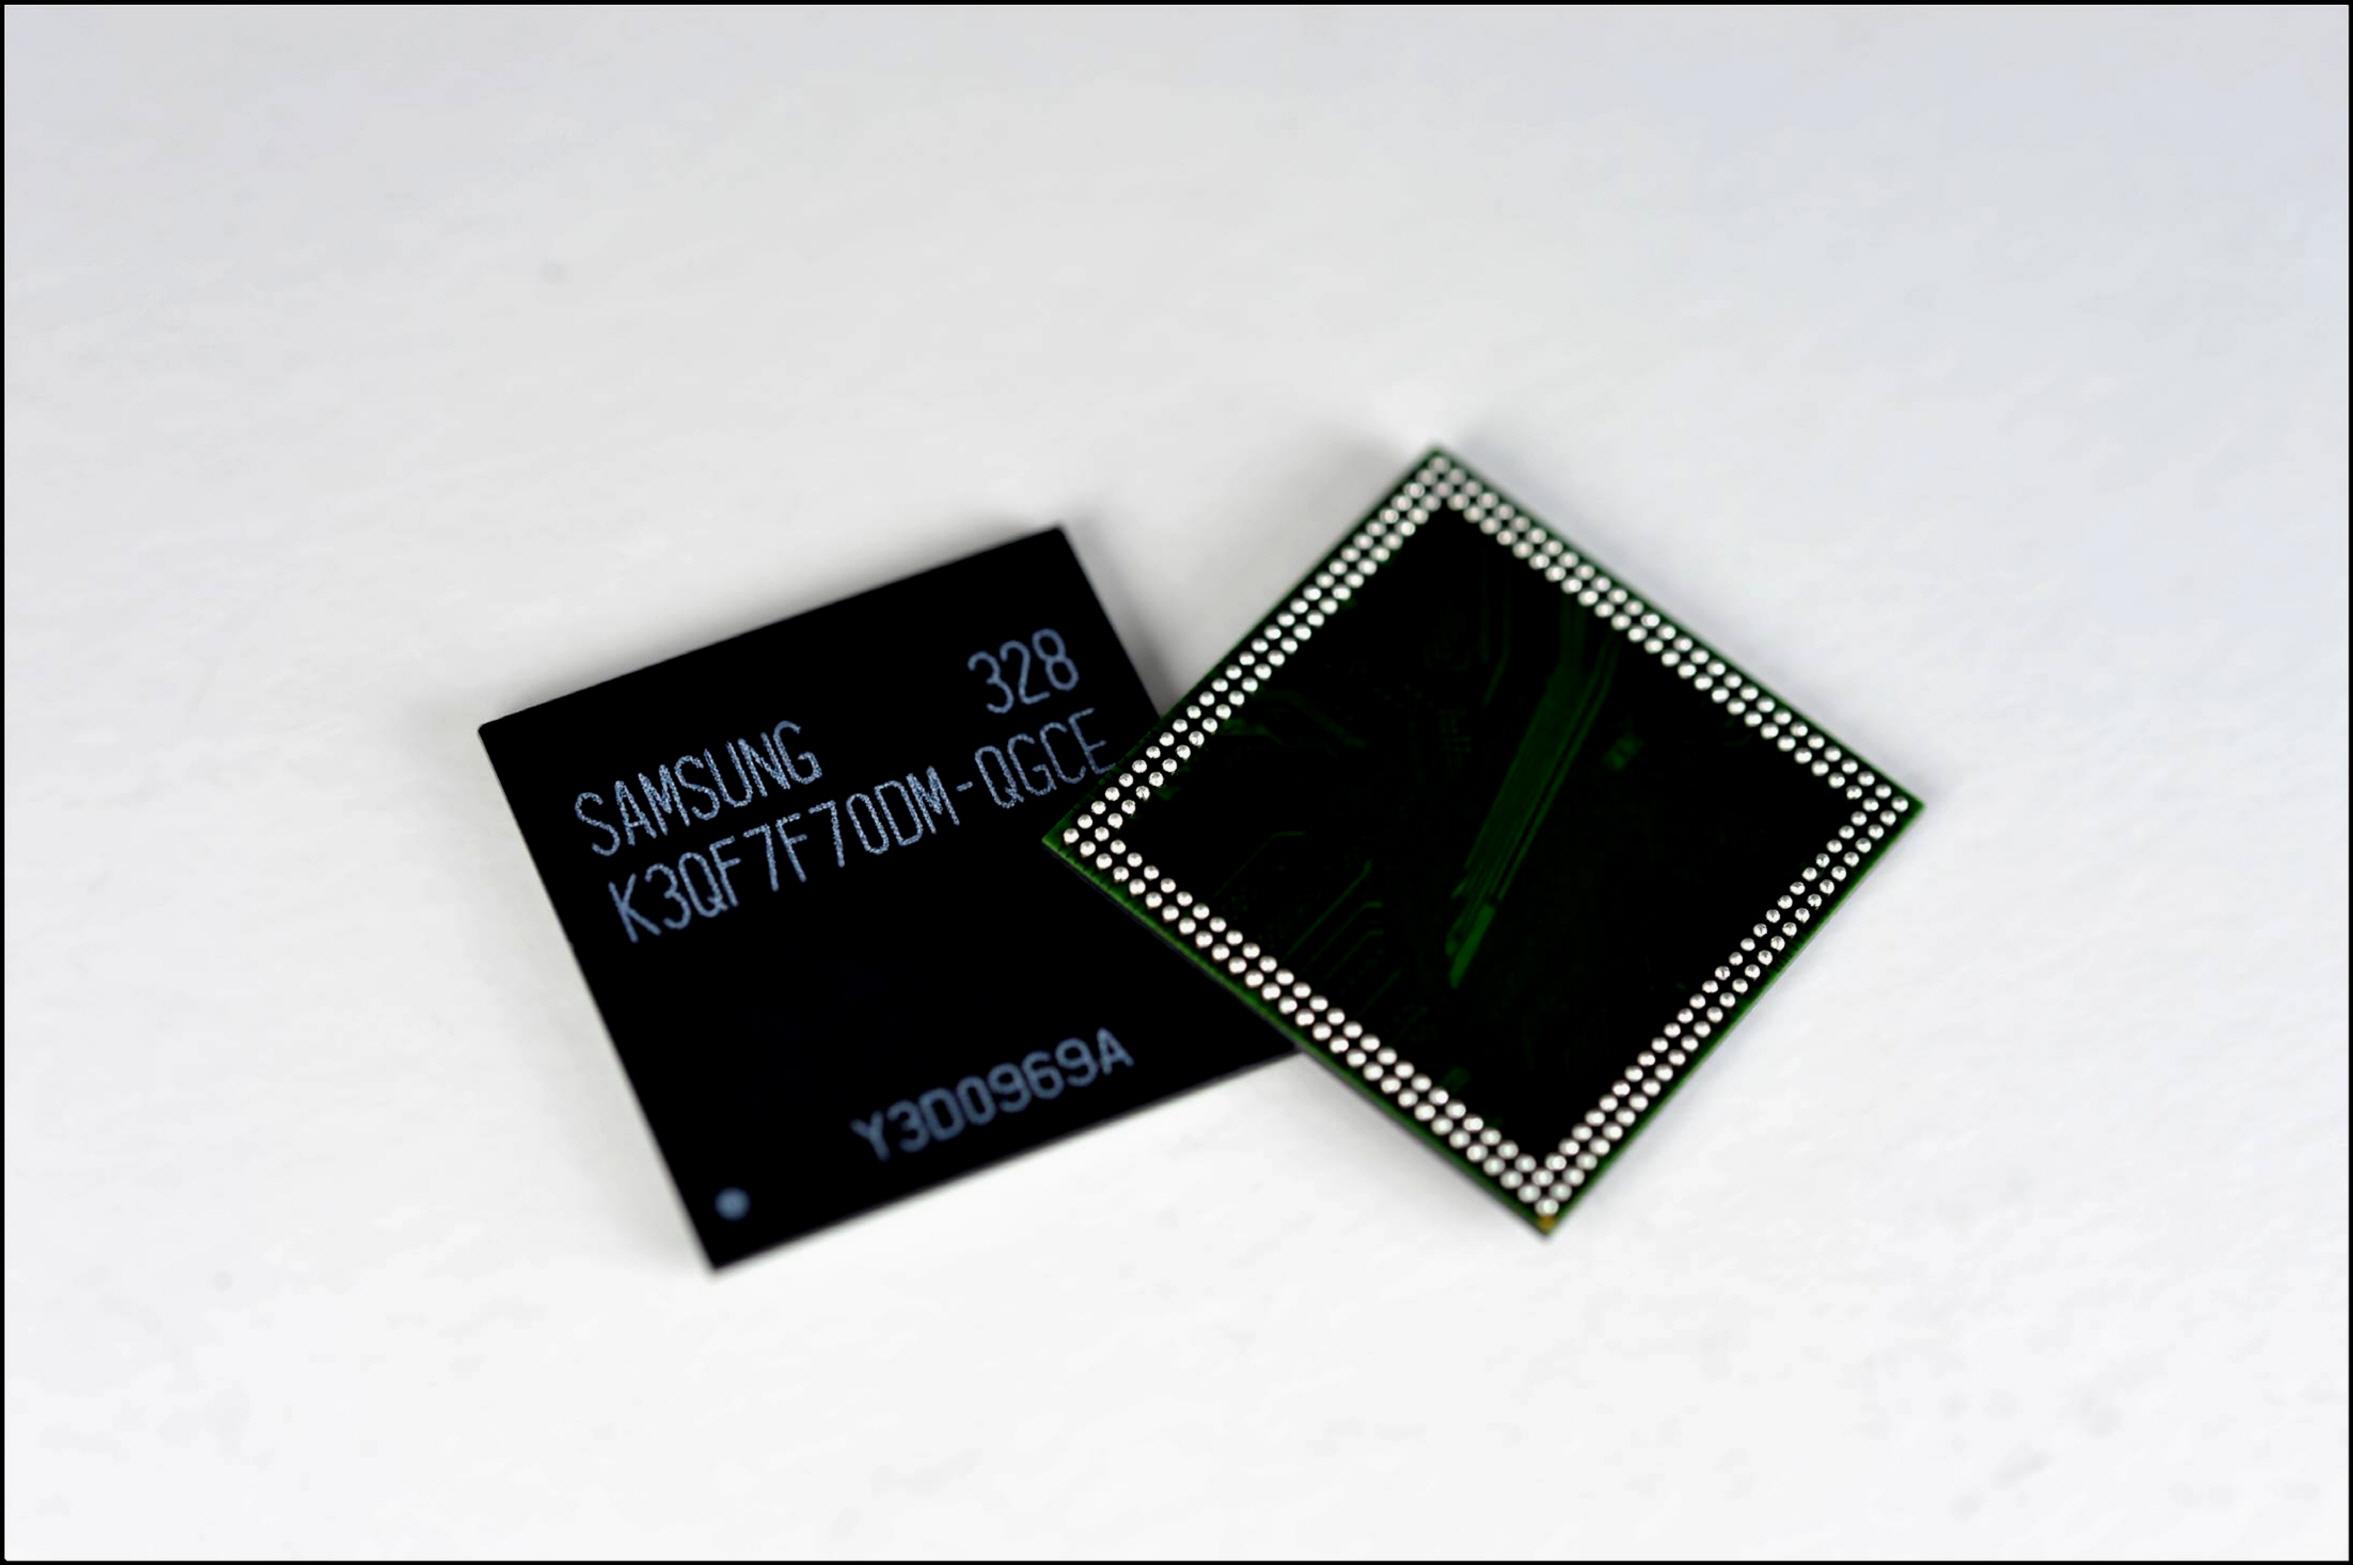 3GB 모바일D램 제품 사진입니다.